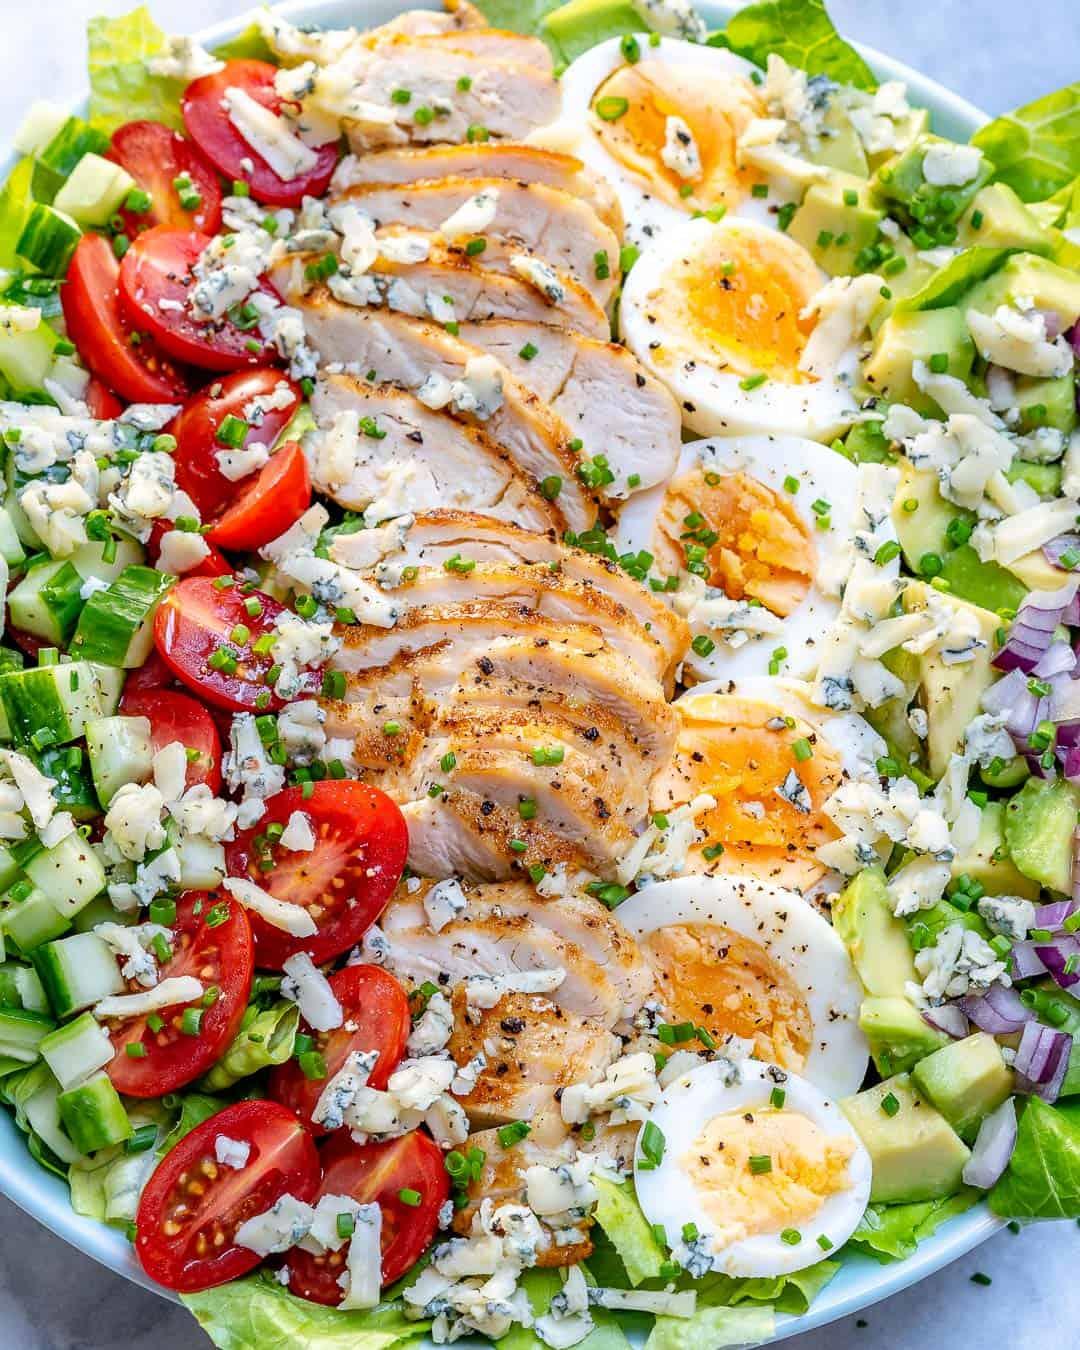 Cobb salad recipe